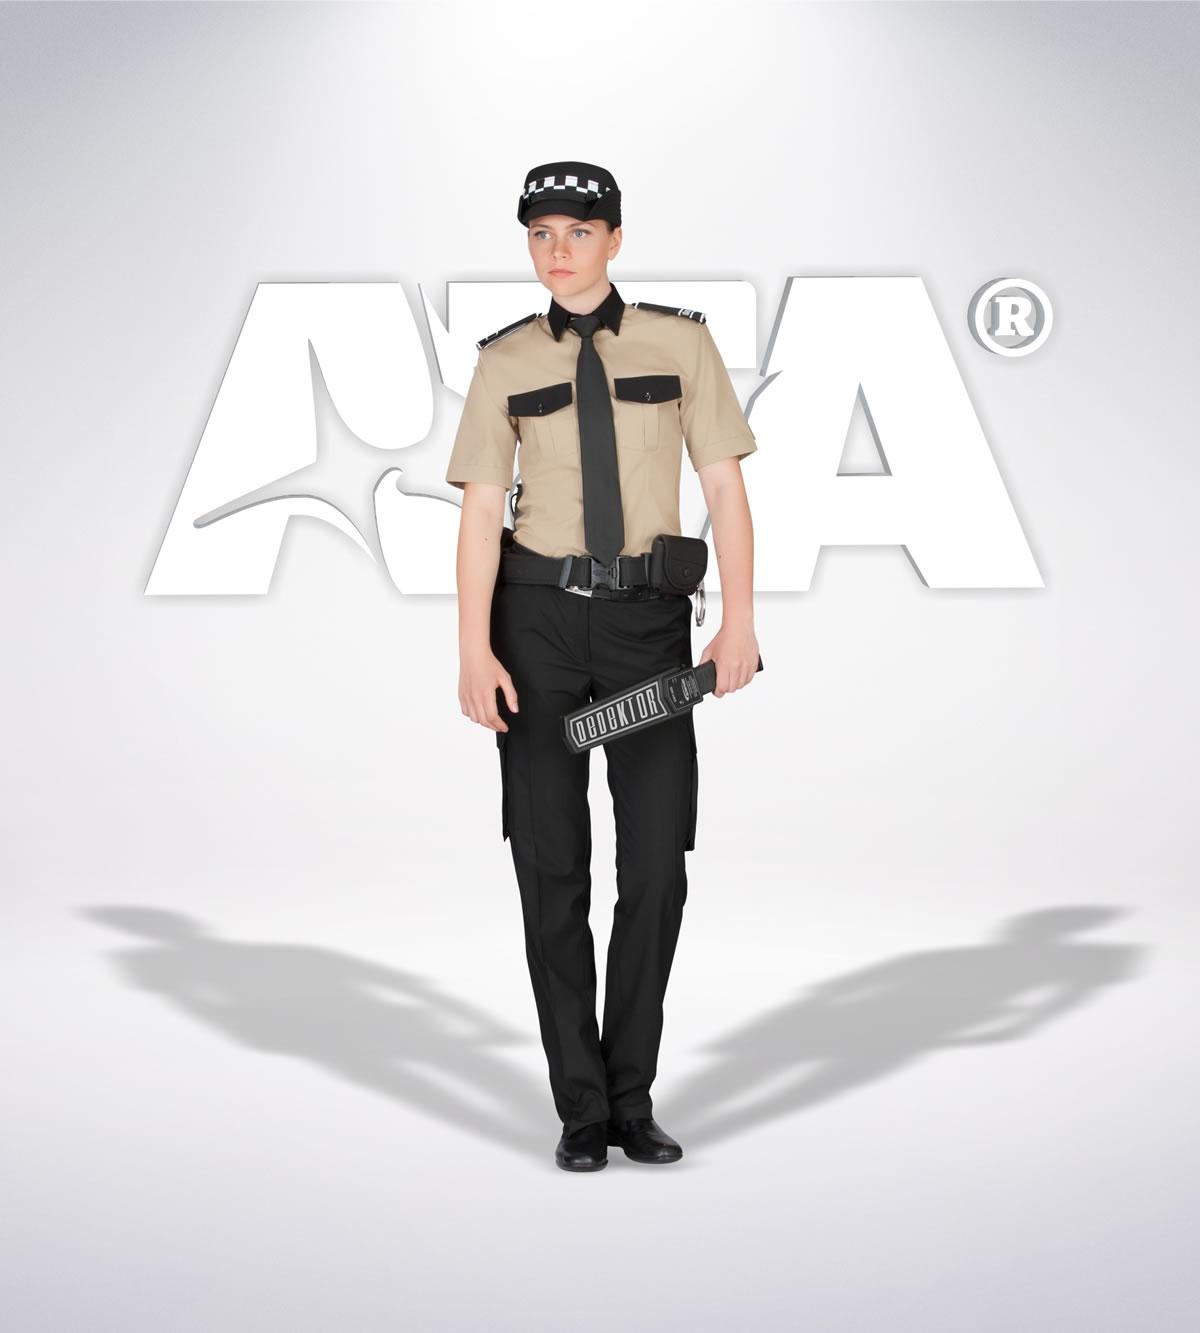 ATA 140 - Ribstop kumaş pantolon - gömlek yazlık-kışlık - aksesuar - güvenlik elbiseleri | güvenlik üniformaları | güvenlik kıyafetleri